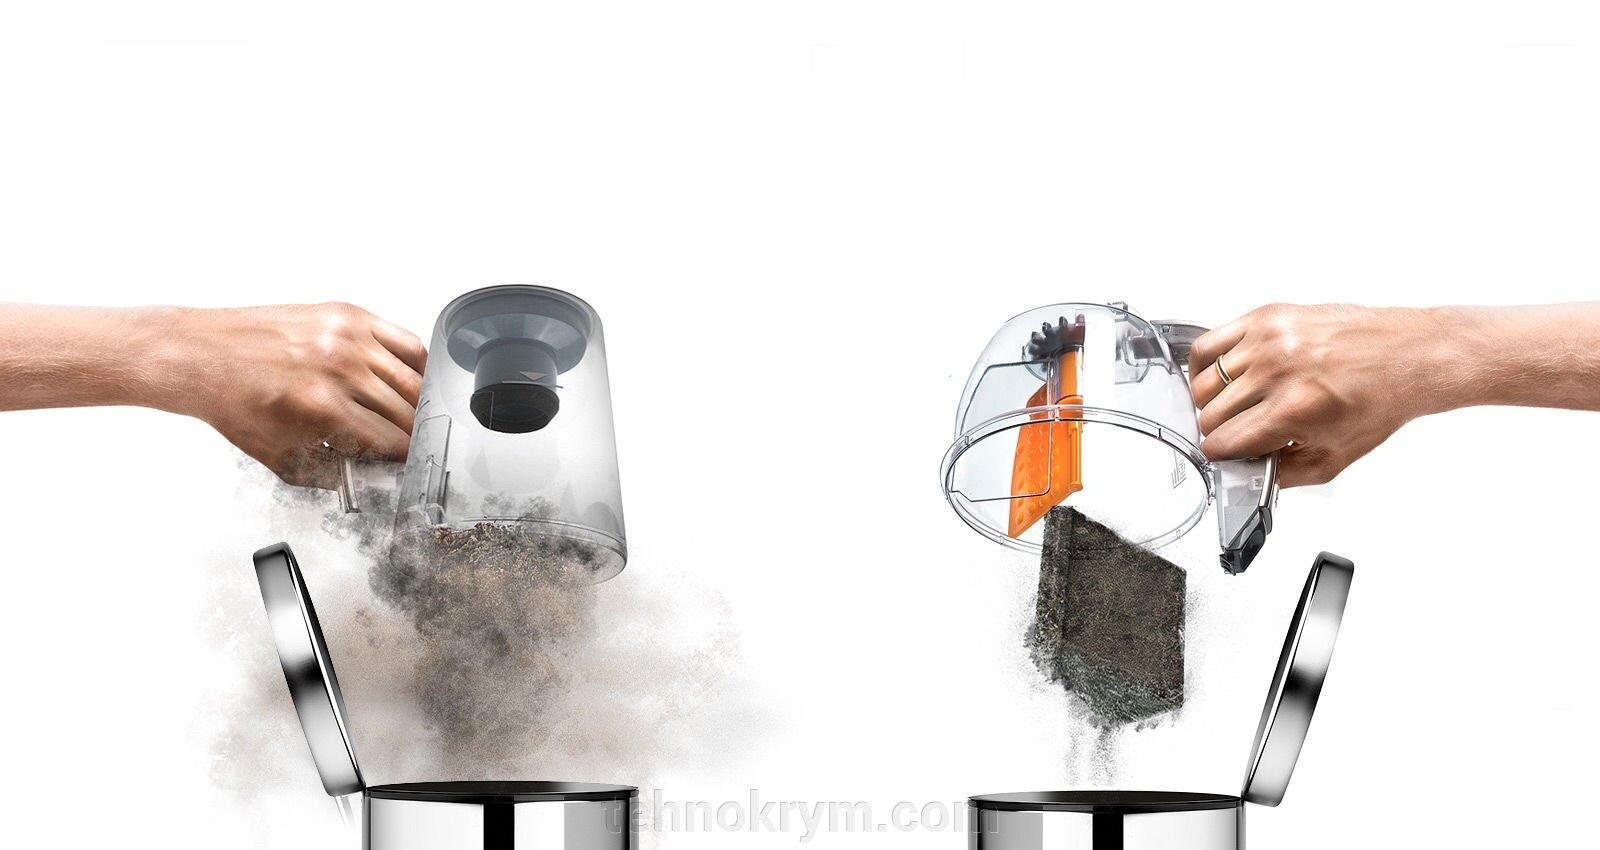 Пылесос LG VK89601HQ, с автоматической системой прессования пыли Kompressor - фото LG VK89601HQ